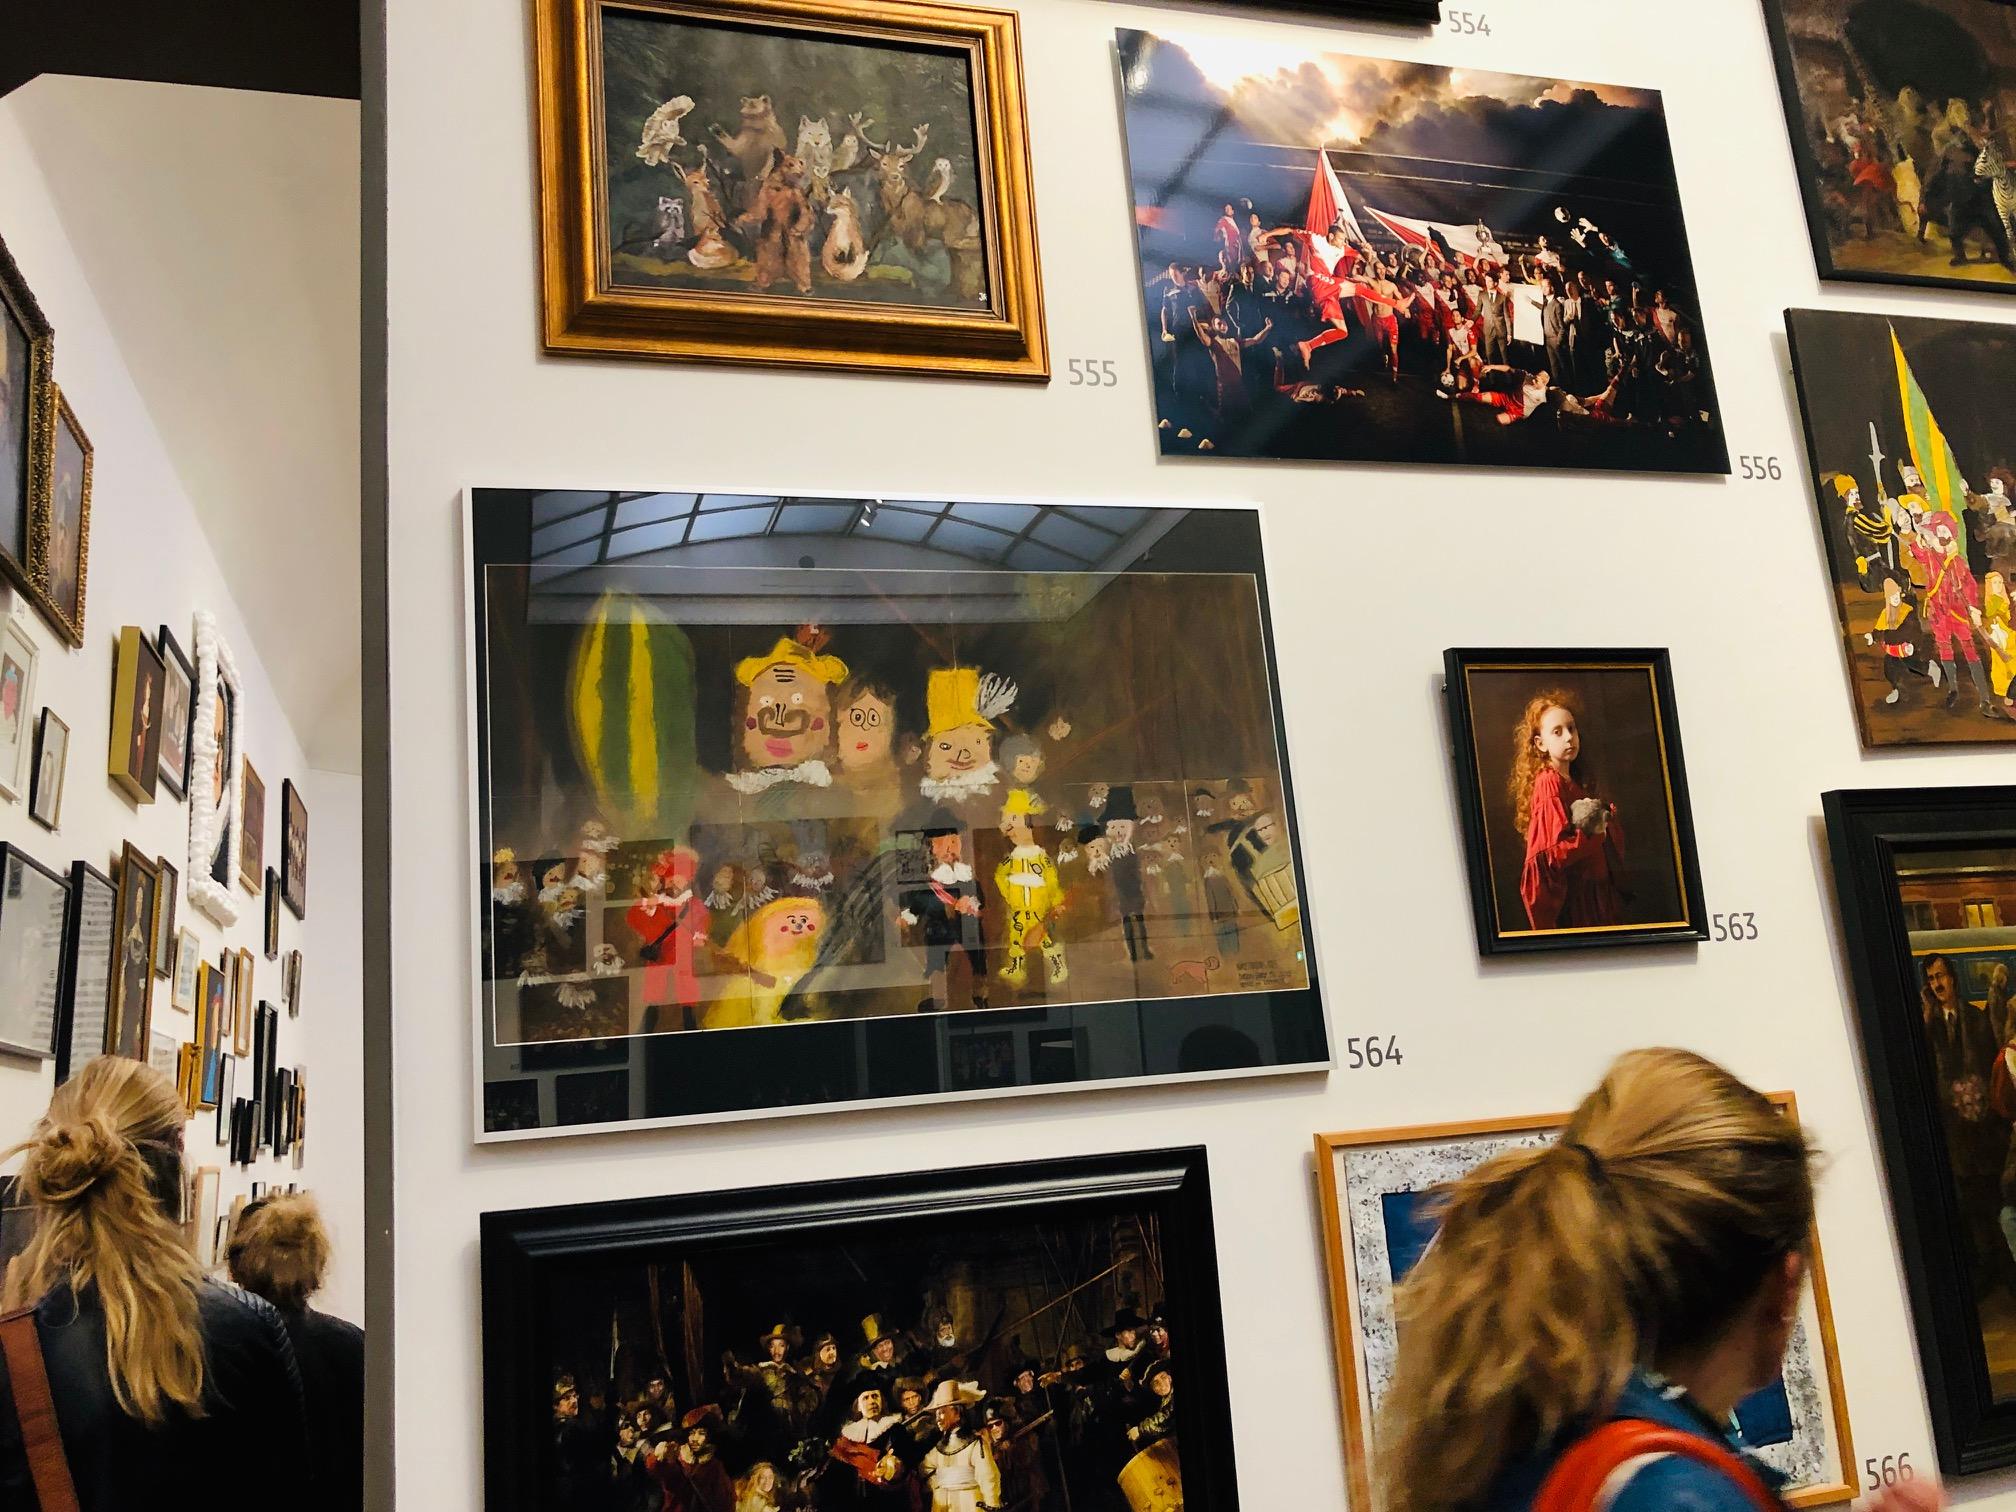 Wie kan zeggen dat je in het Rijksmuseum hangt?